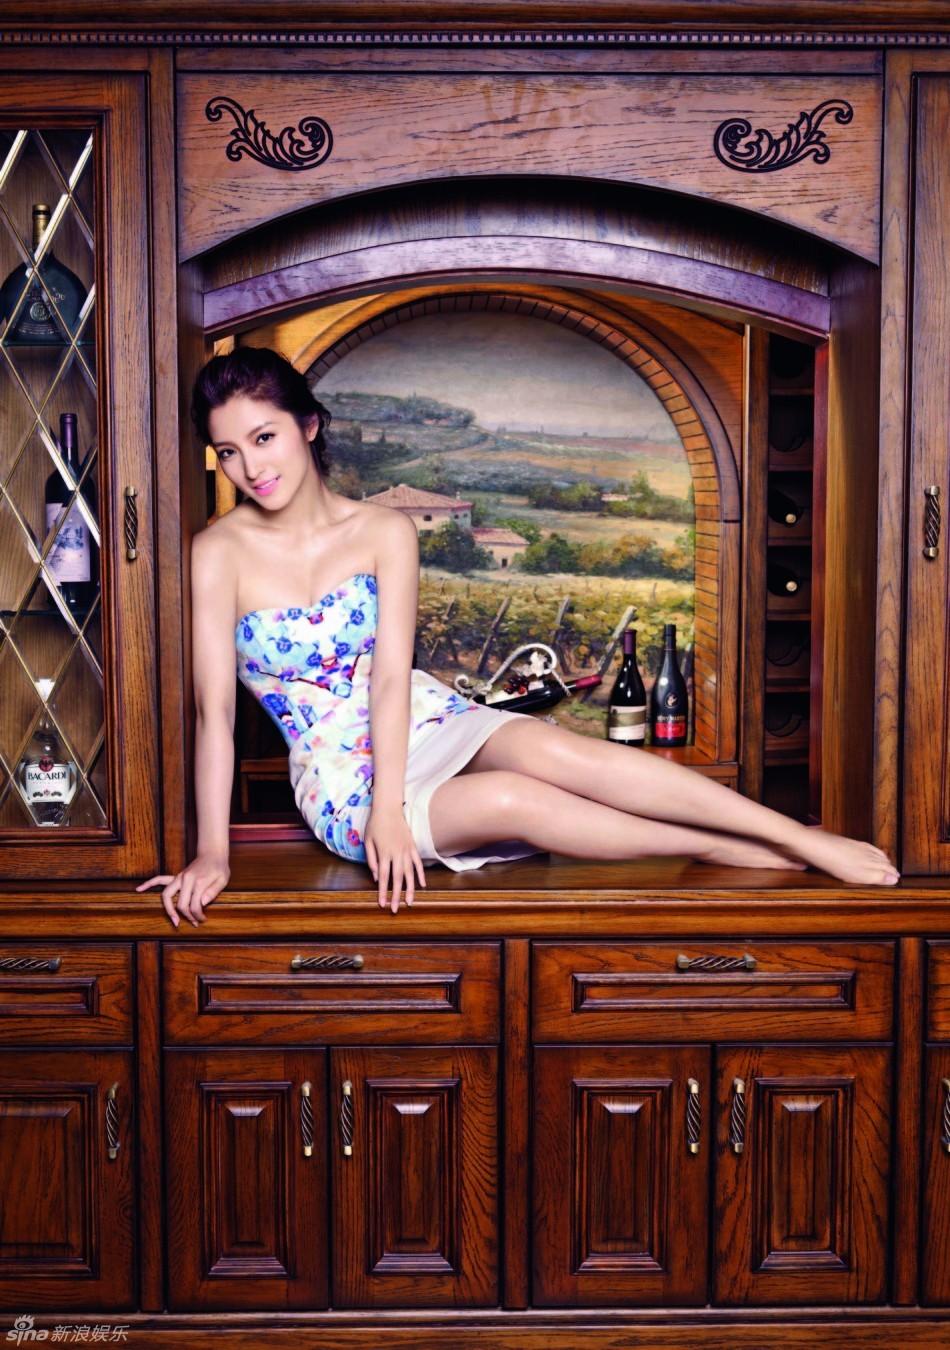 http://www.sinaimg.cn/dy/slidenews/4_img/2013_28/704_1023735_297163.jpg